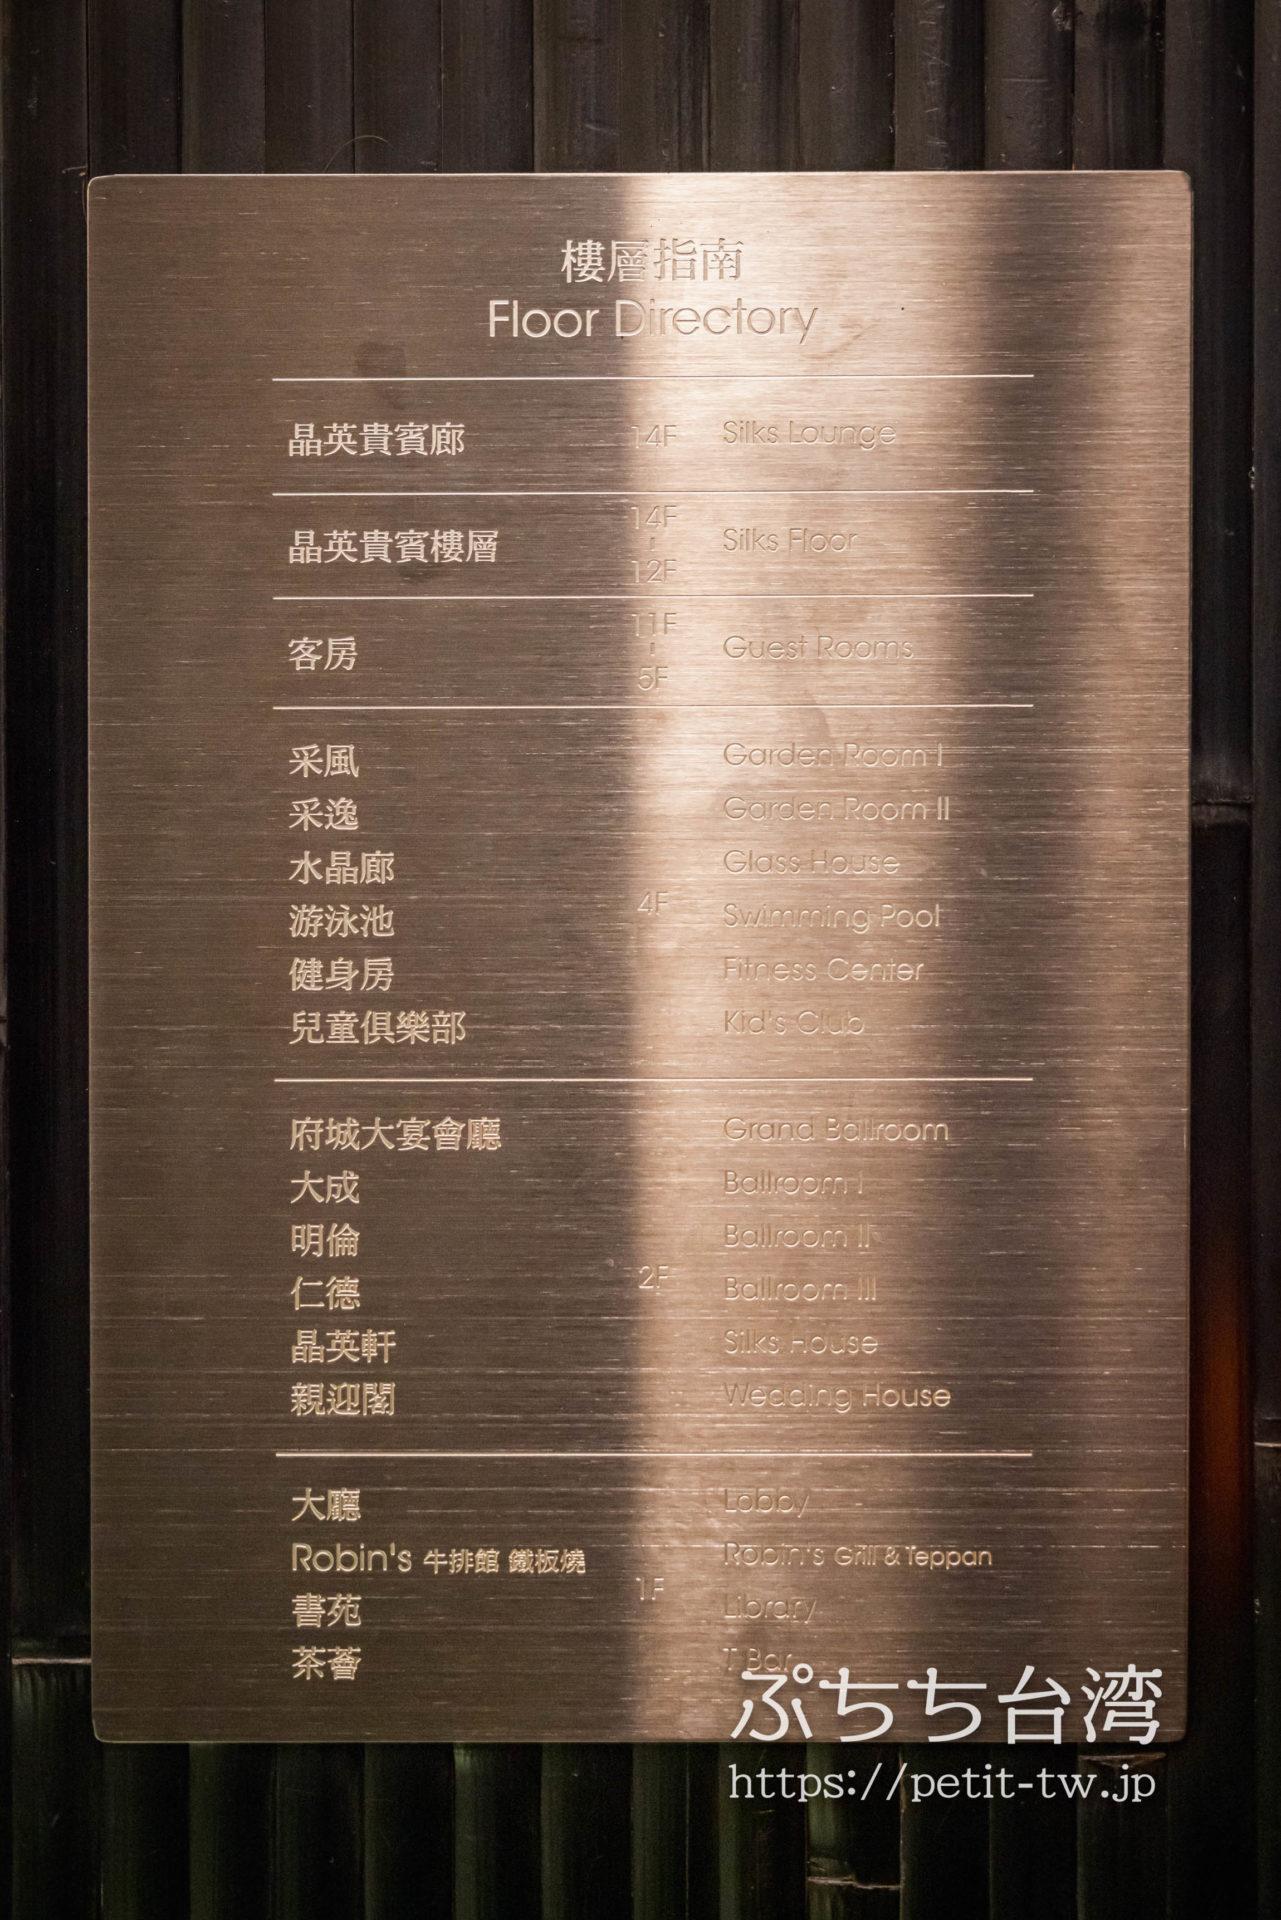 シルクスプレイス台南(Silks Place Tainan、台南晶英酒店)のホテルフロアガイド